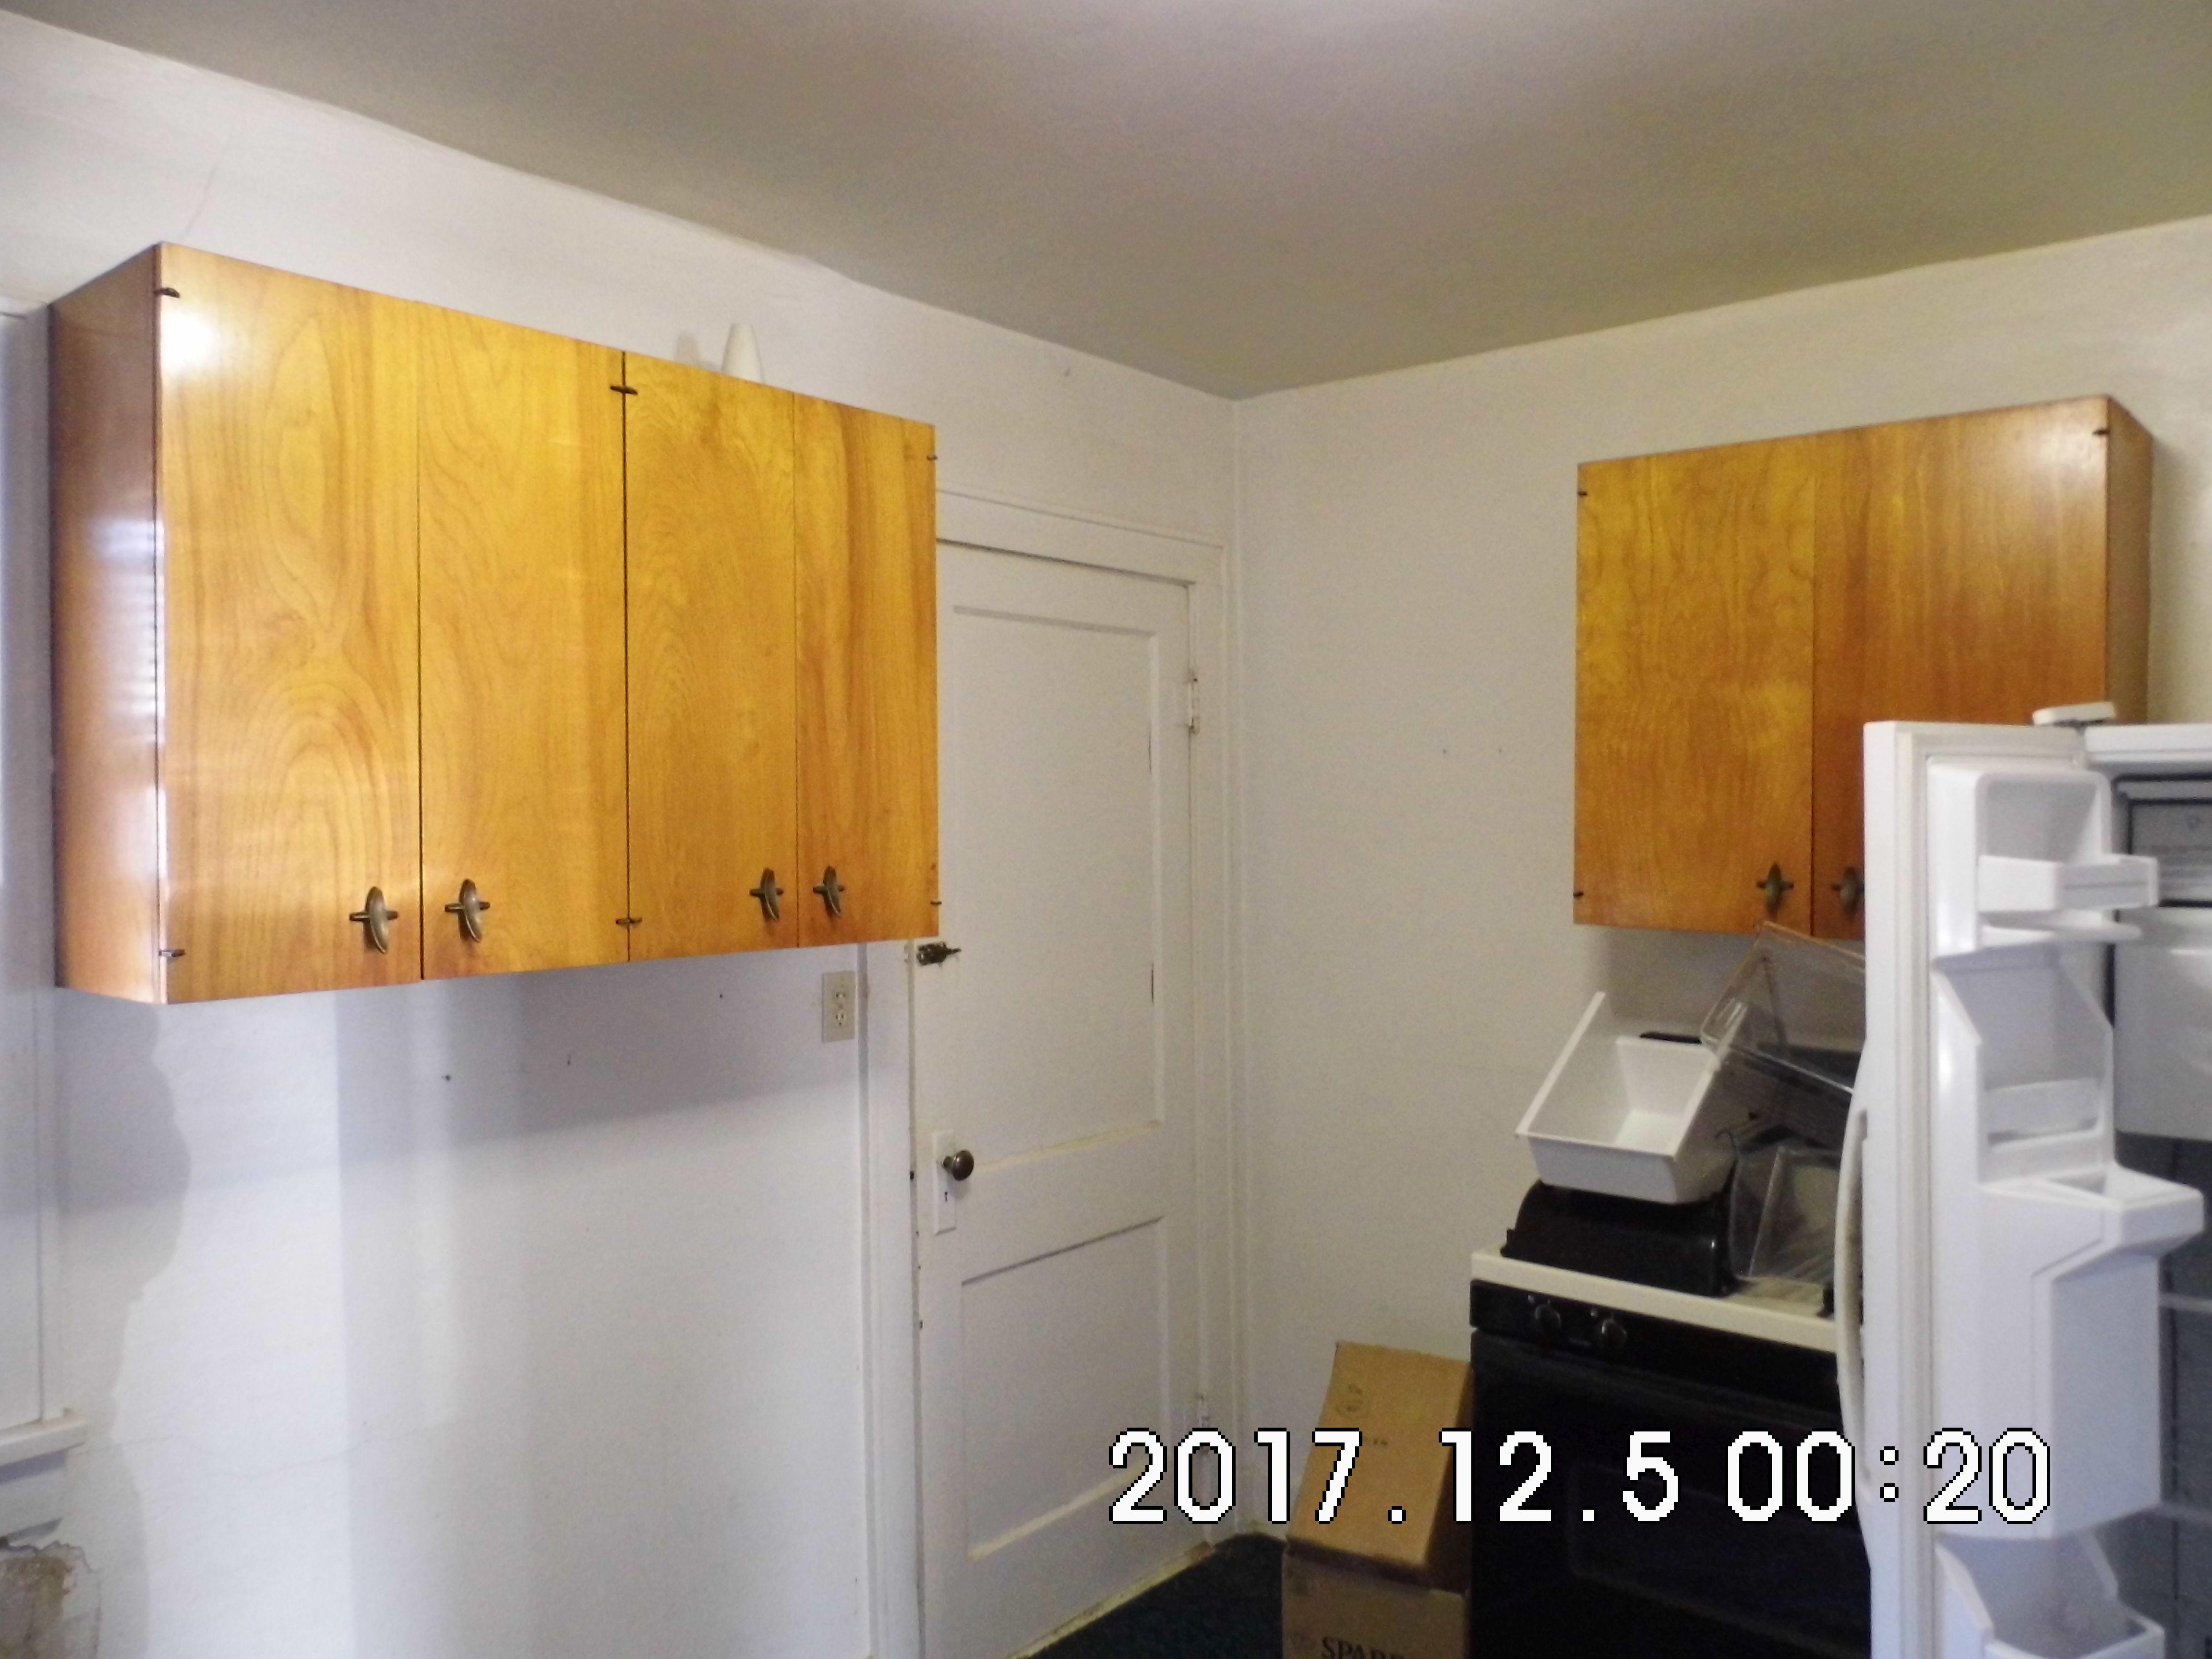 02.7 Kitchen Cabinets